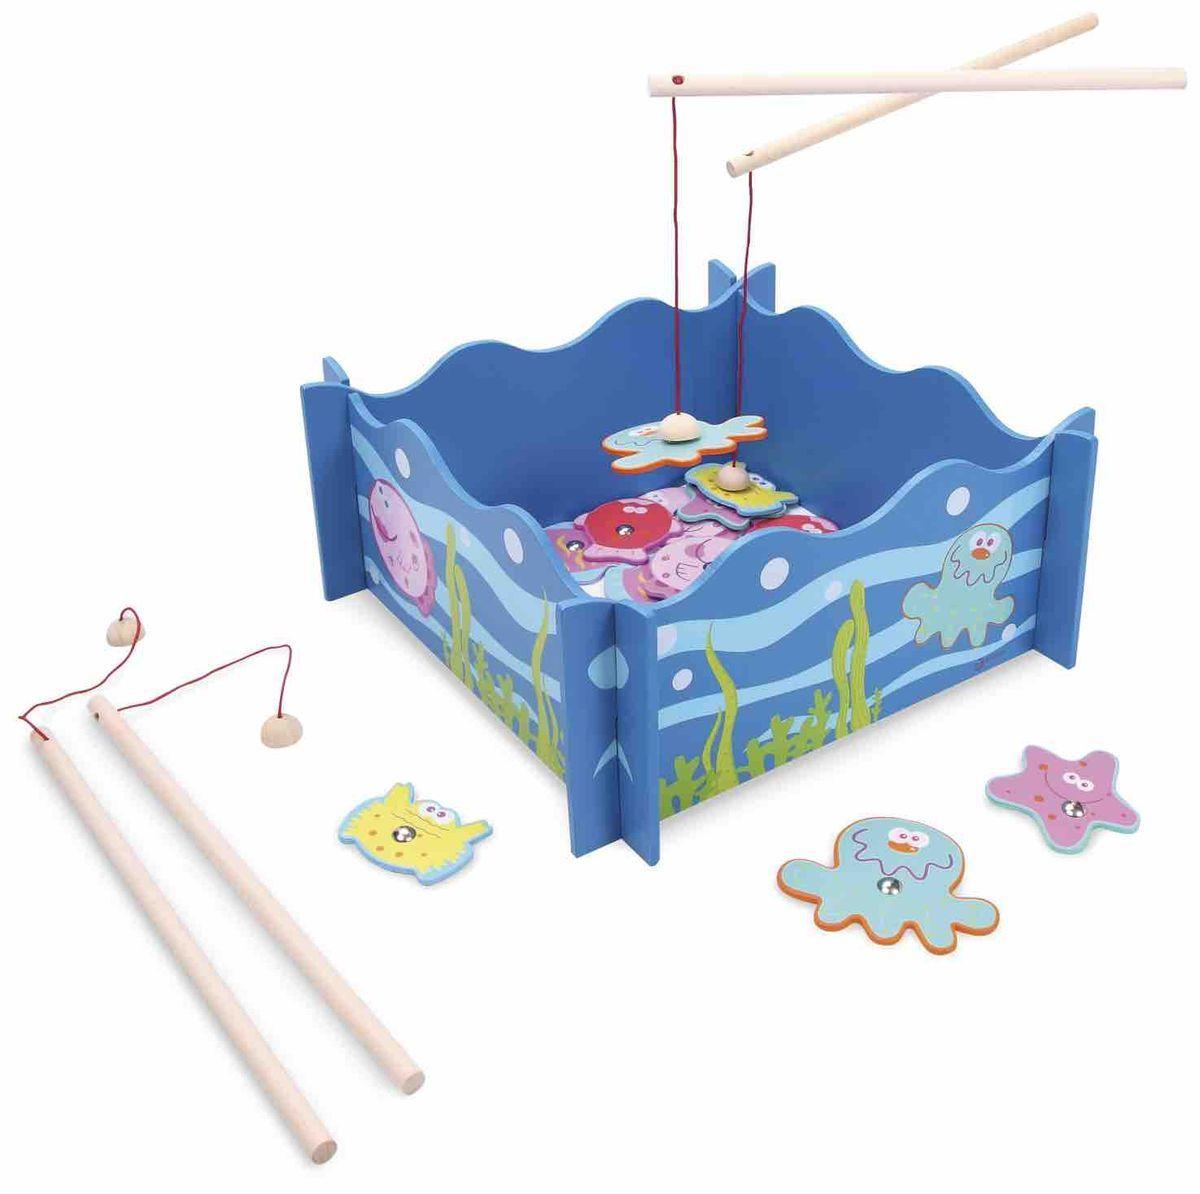 Classic World Развивающая магнитная игра Удачная рыбалка2888Откройте для ребенка удивительный и неповторимый мир рыбалки на экзотических рыб. Удобный и вместительный бассейн-игровое поле с оригинальным морским дизайном, разноцветные рыбки на магнитах, удочки - все, чтобы первая рыбалка вашего ребенка стала незабываемой. Игра развивает ловкость, моторику, двигательную активность и внимательность. Игрушка выполнена из высококачественных материалов, а значит вы будете уверены в безопасности вашего ребёнка.